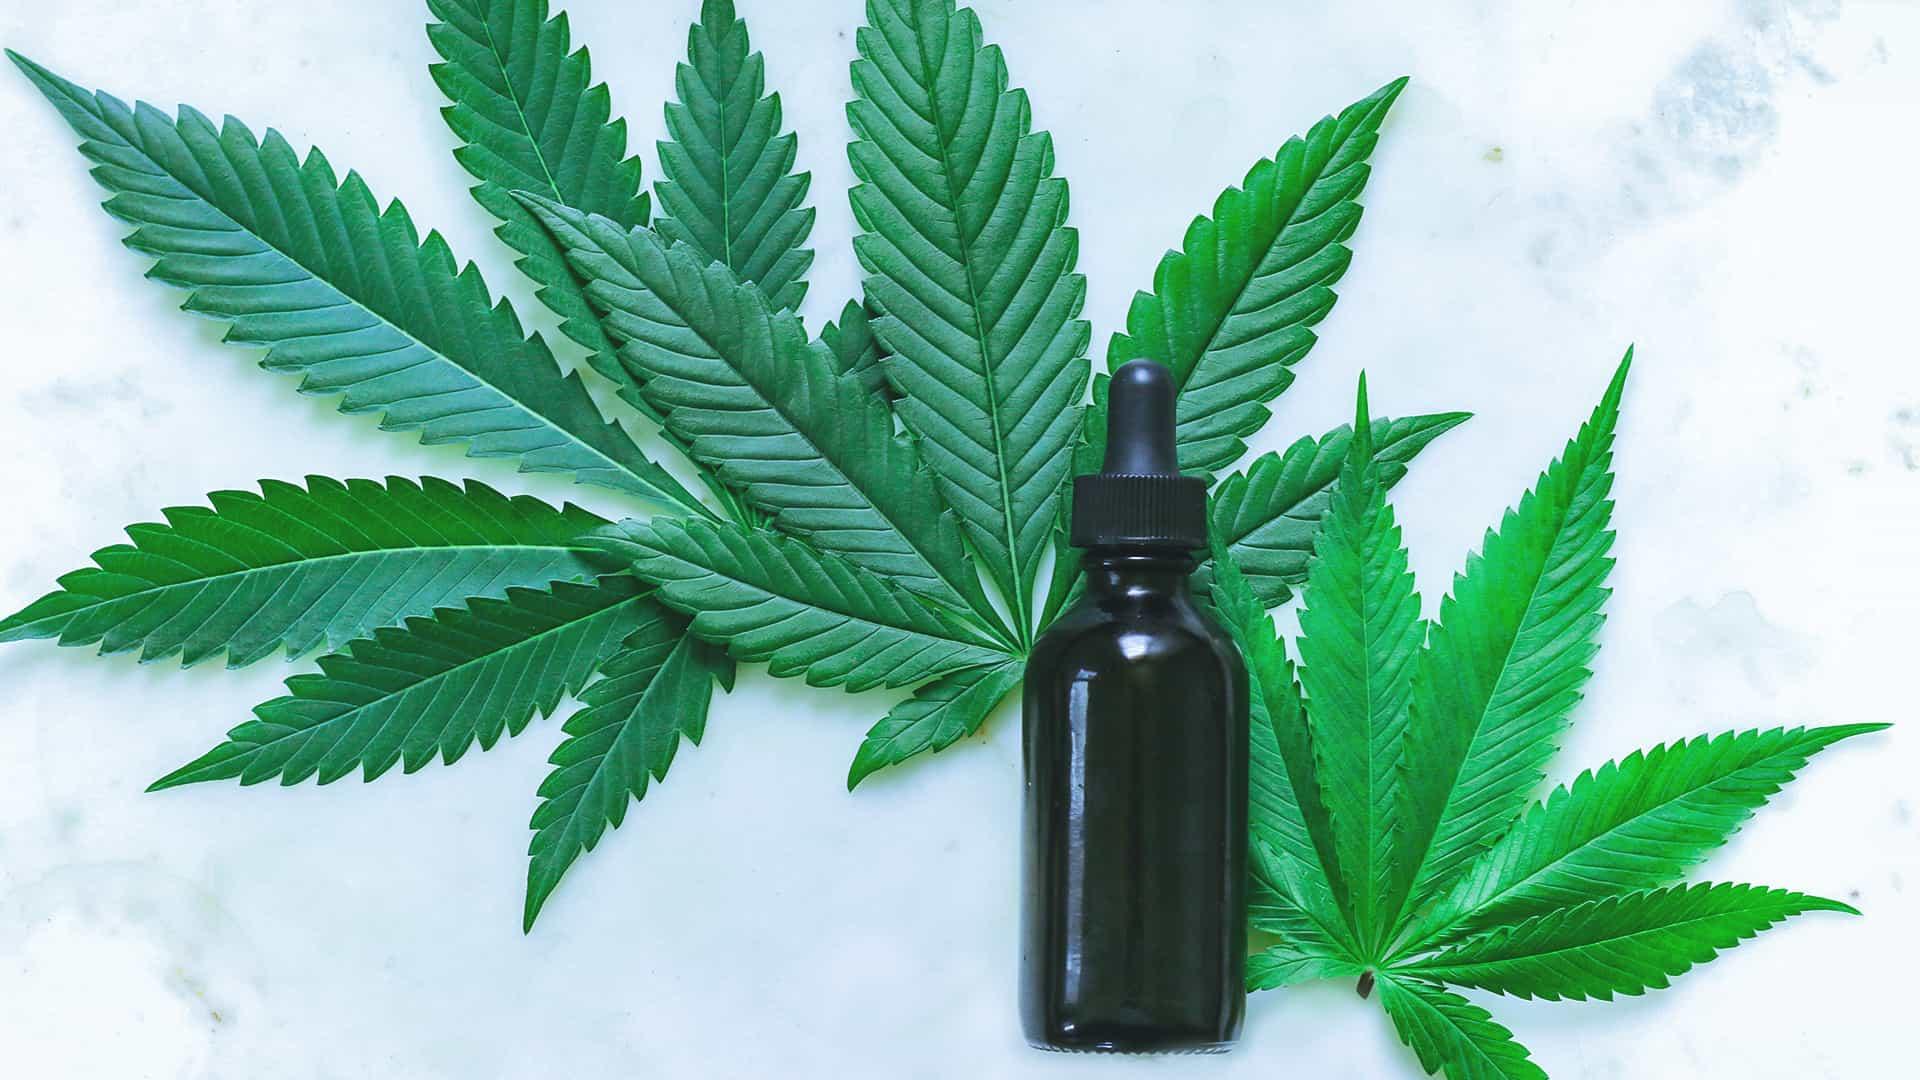 La canapa è una pianta dai mille usi che a causa di uno di essi è proibita e sottoposta alla gogna mediatica